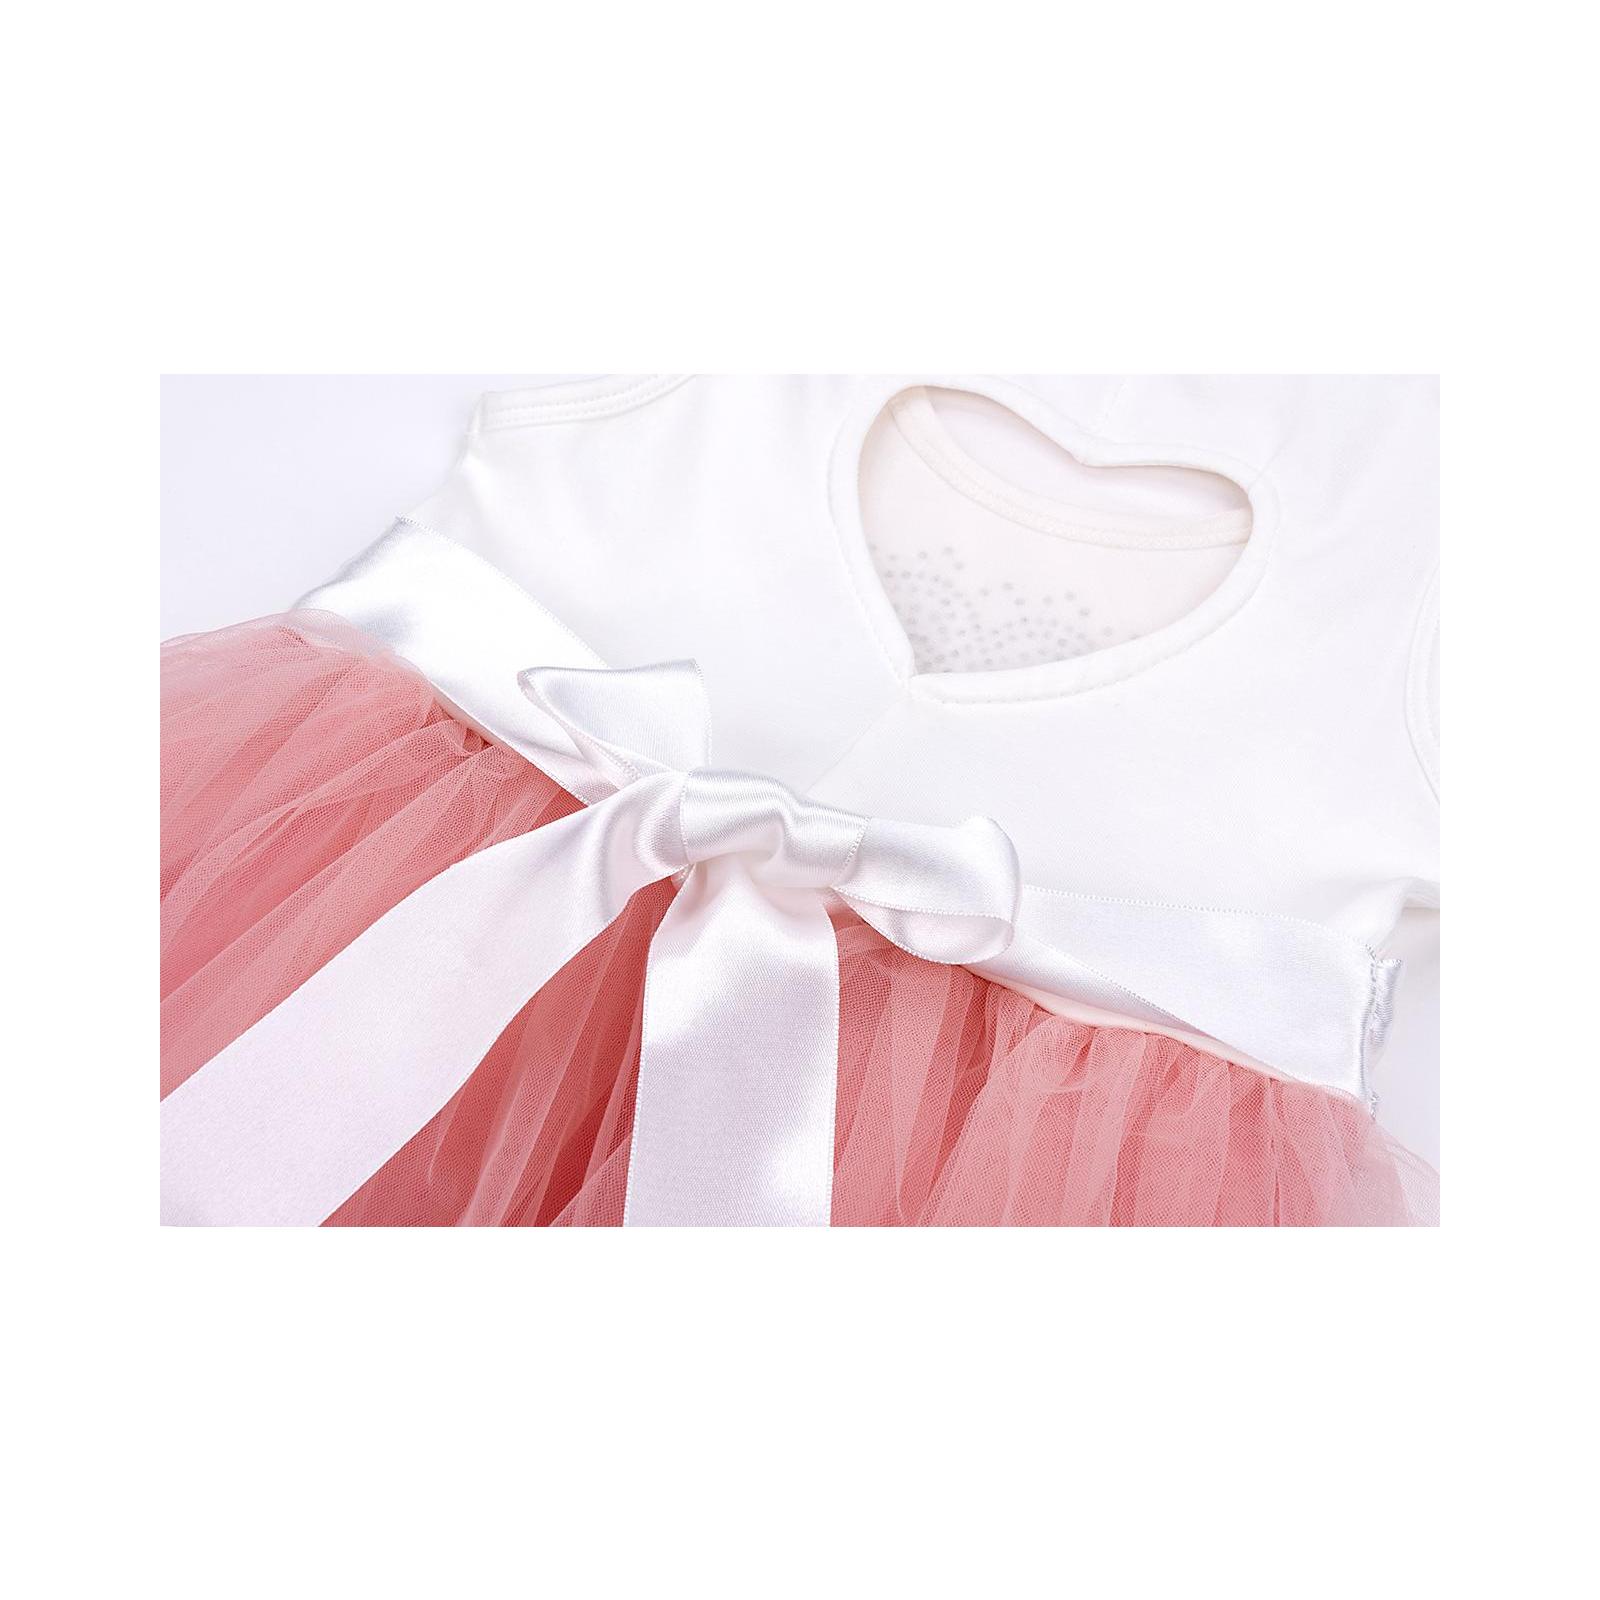 Платье Breeze сарафан с фатиновой юбкой и сердцем (10862-128G-peach) изображение 6